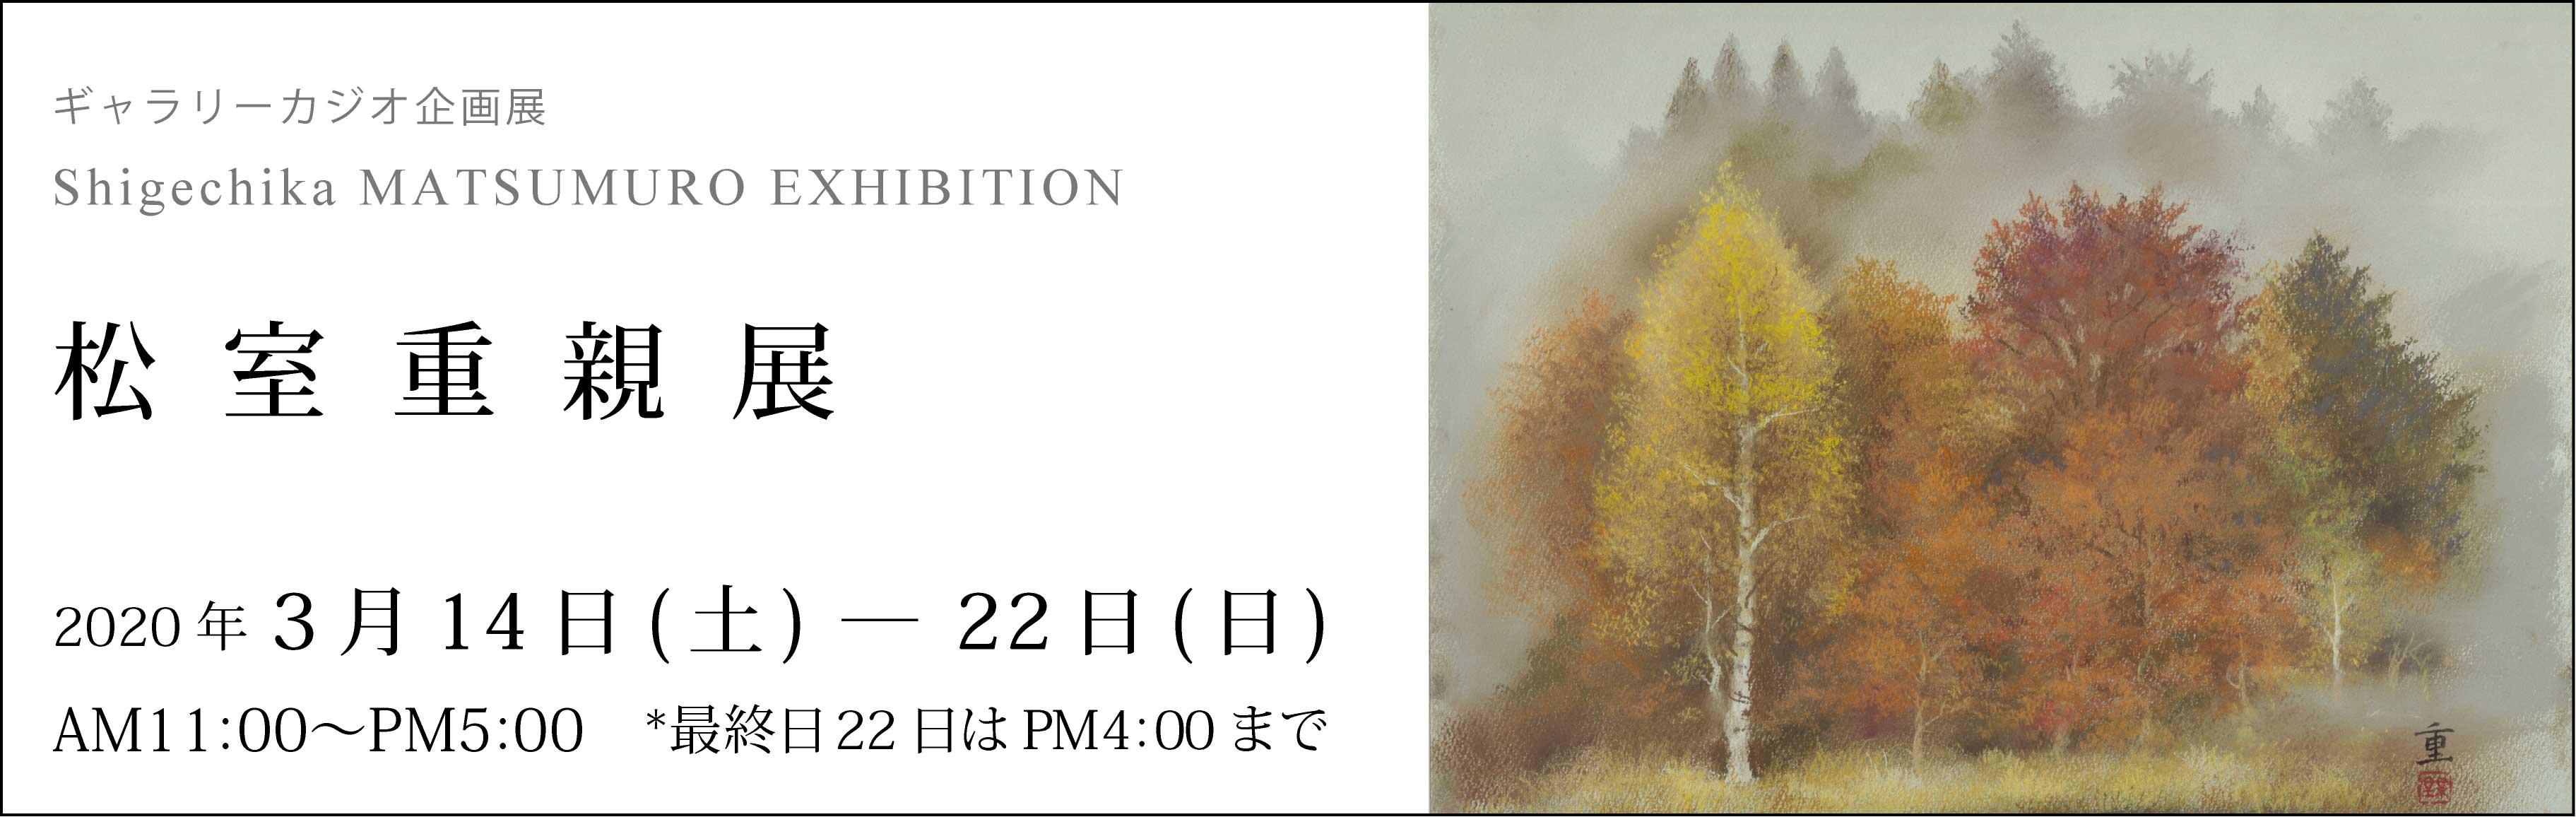 matsumuro_2020-03